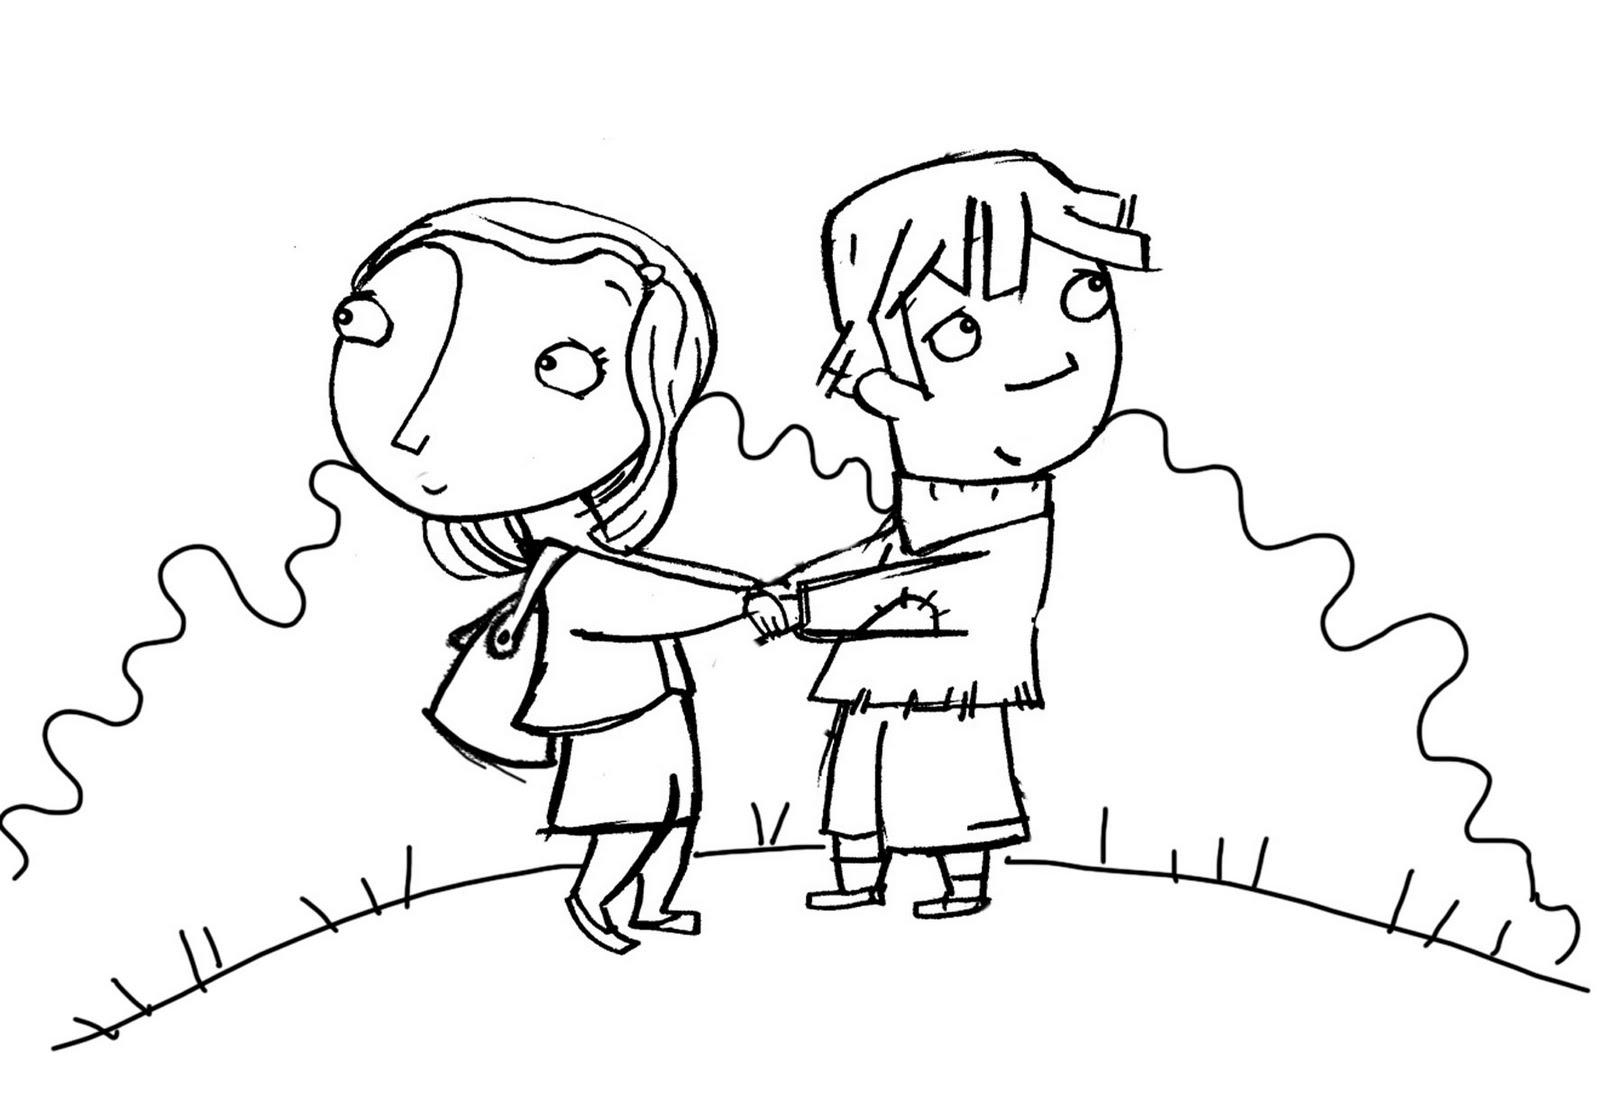 MILÁ & TETÉ: Hansel y Gretel en Aragón